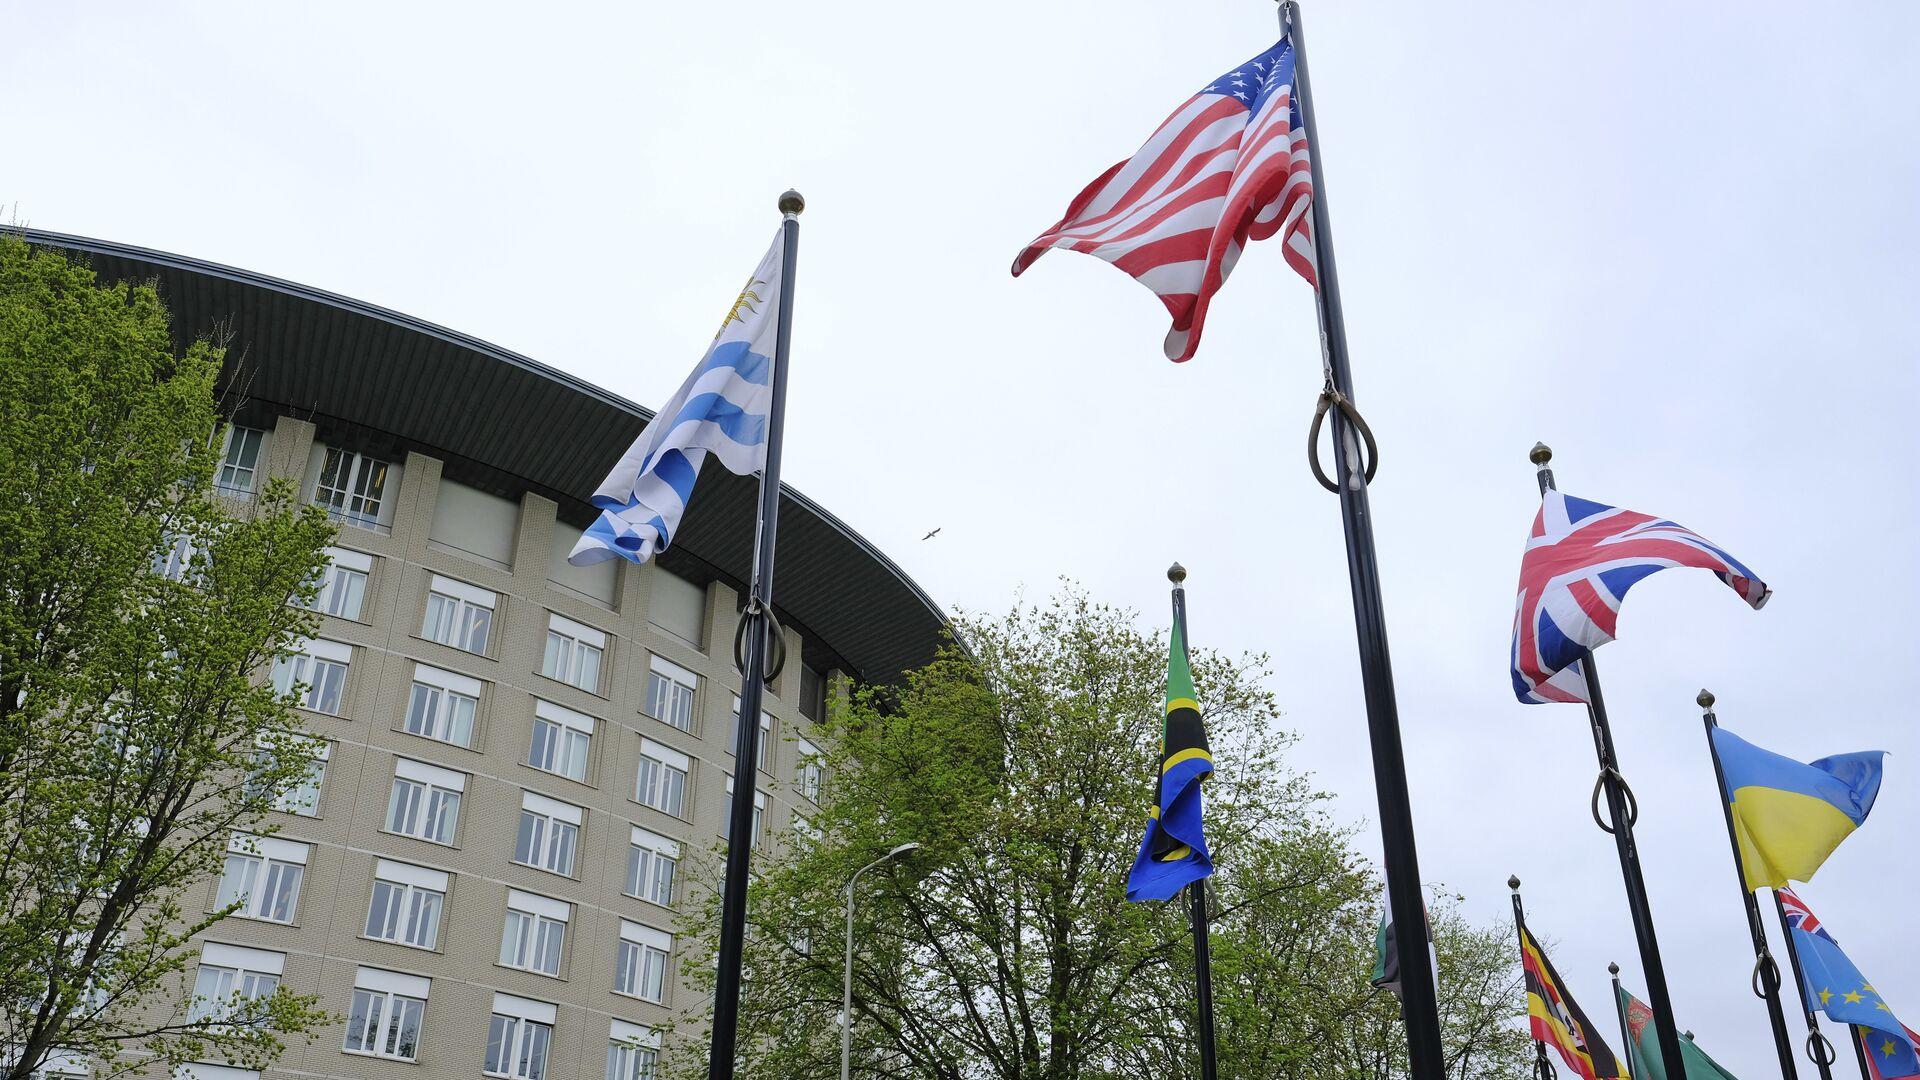 Штаб-квартира Организации по запрещению химического оружия в Гааге, Нидерланды - РИА Новости, 1920, 17.09.2020